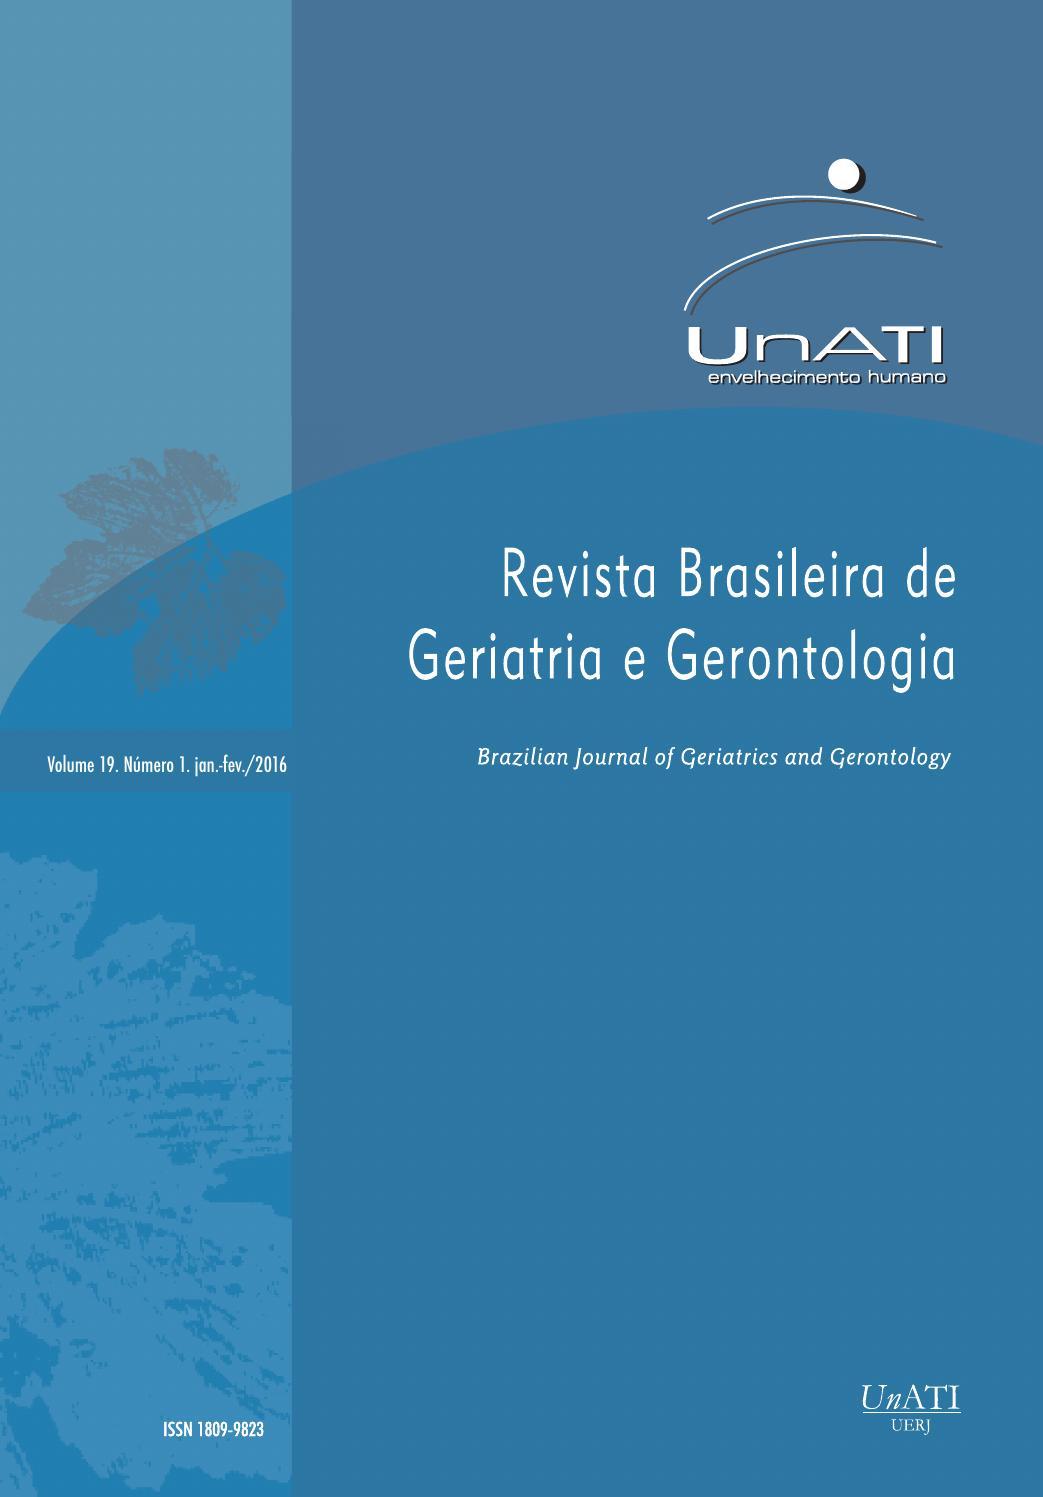 a164f53c6fee5 RBGG volume 19 nº1. Janeiro - Fevereiro 2016 by Revista Brasileira de  Geriatria e Gerontologia - RBGG - issuu